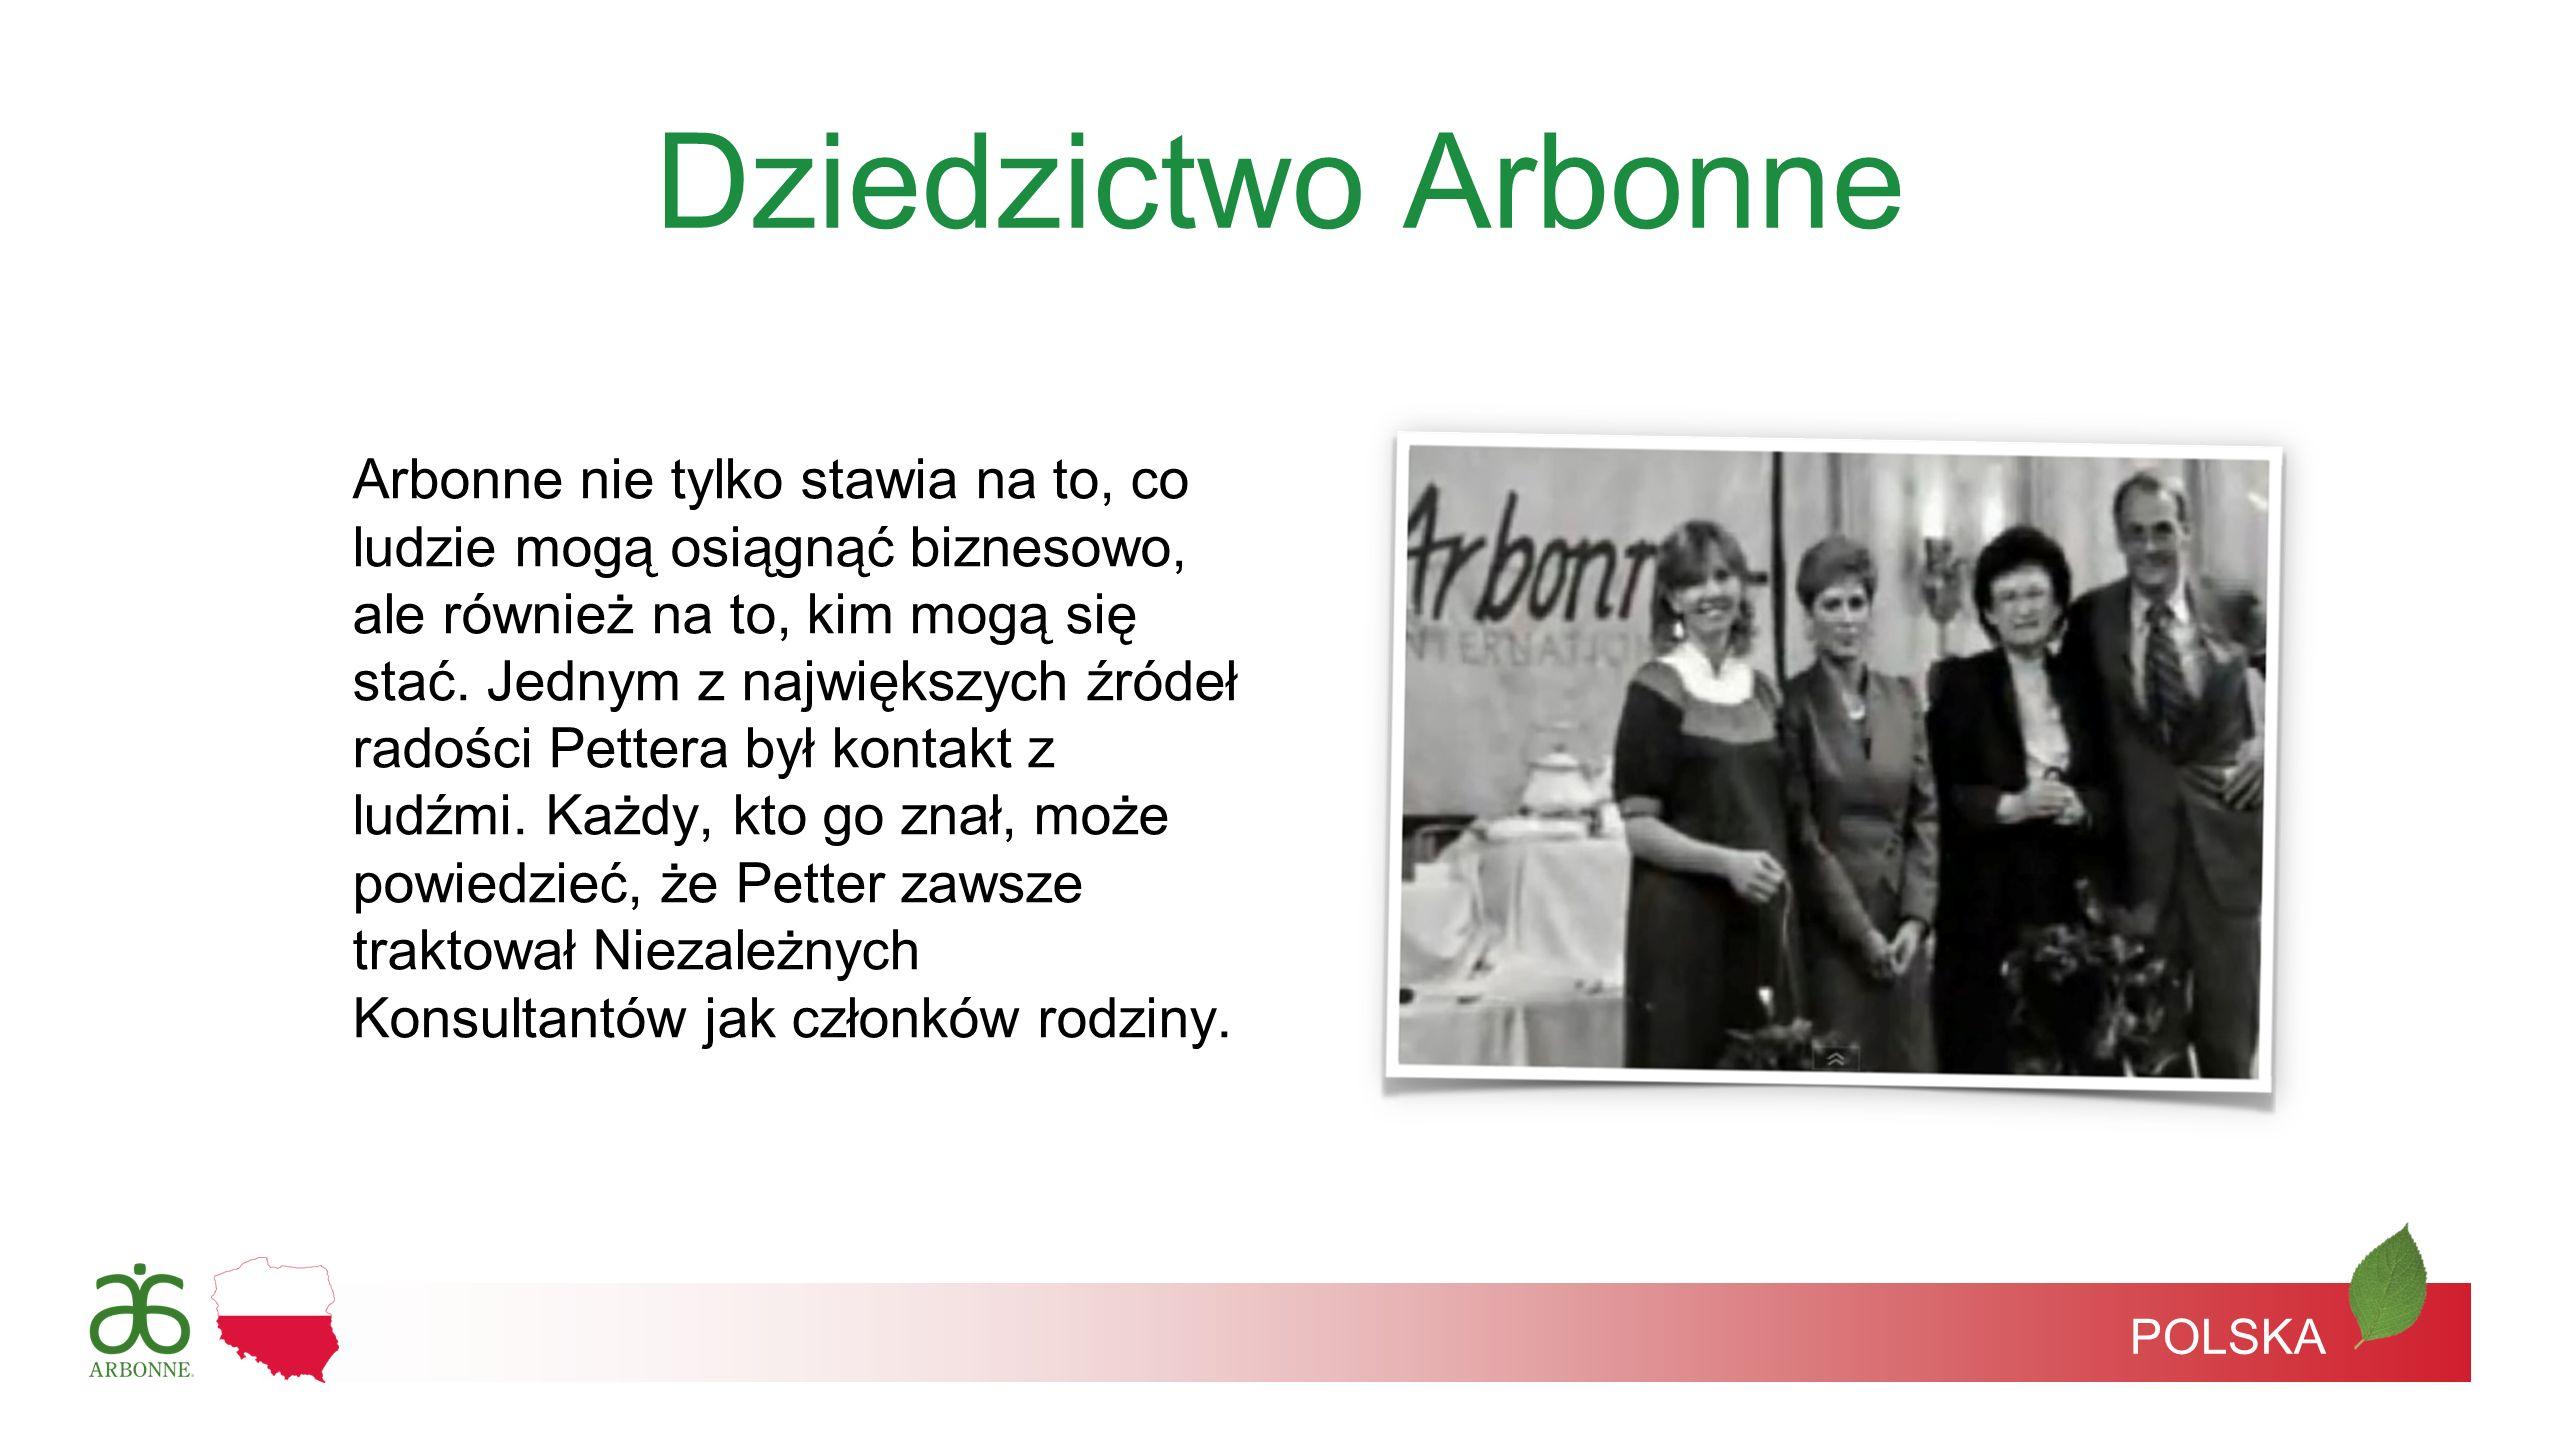 Dziedzictwo Arbonne Arbonne nie tylko stawia na to, co ludzie mogą osiągnąć biznesowo, ale również na to, kim mogą się stać. Jednym z największych źró